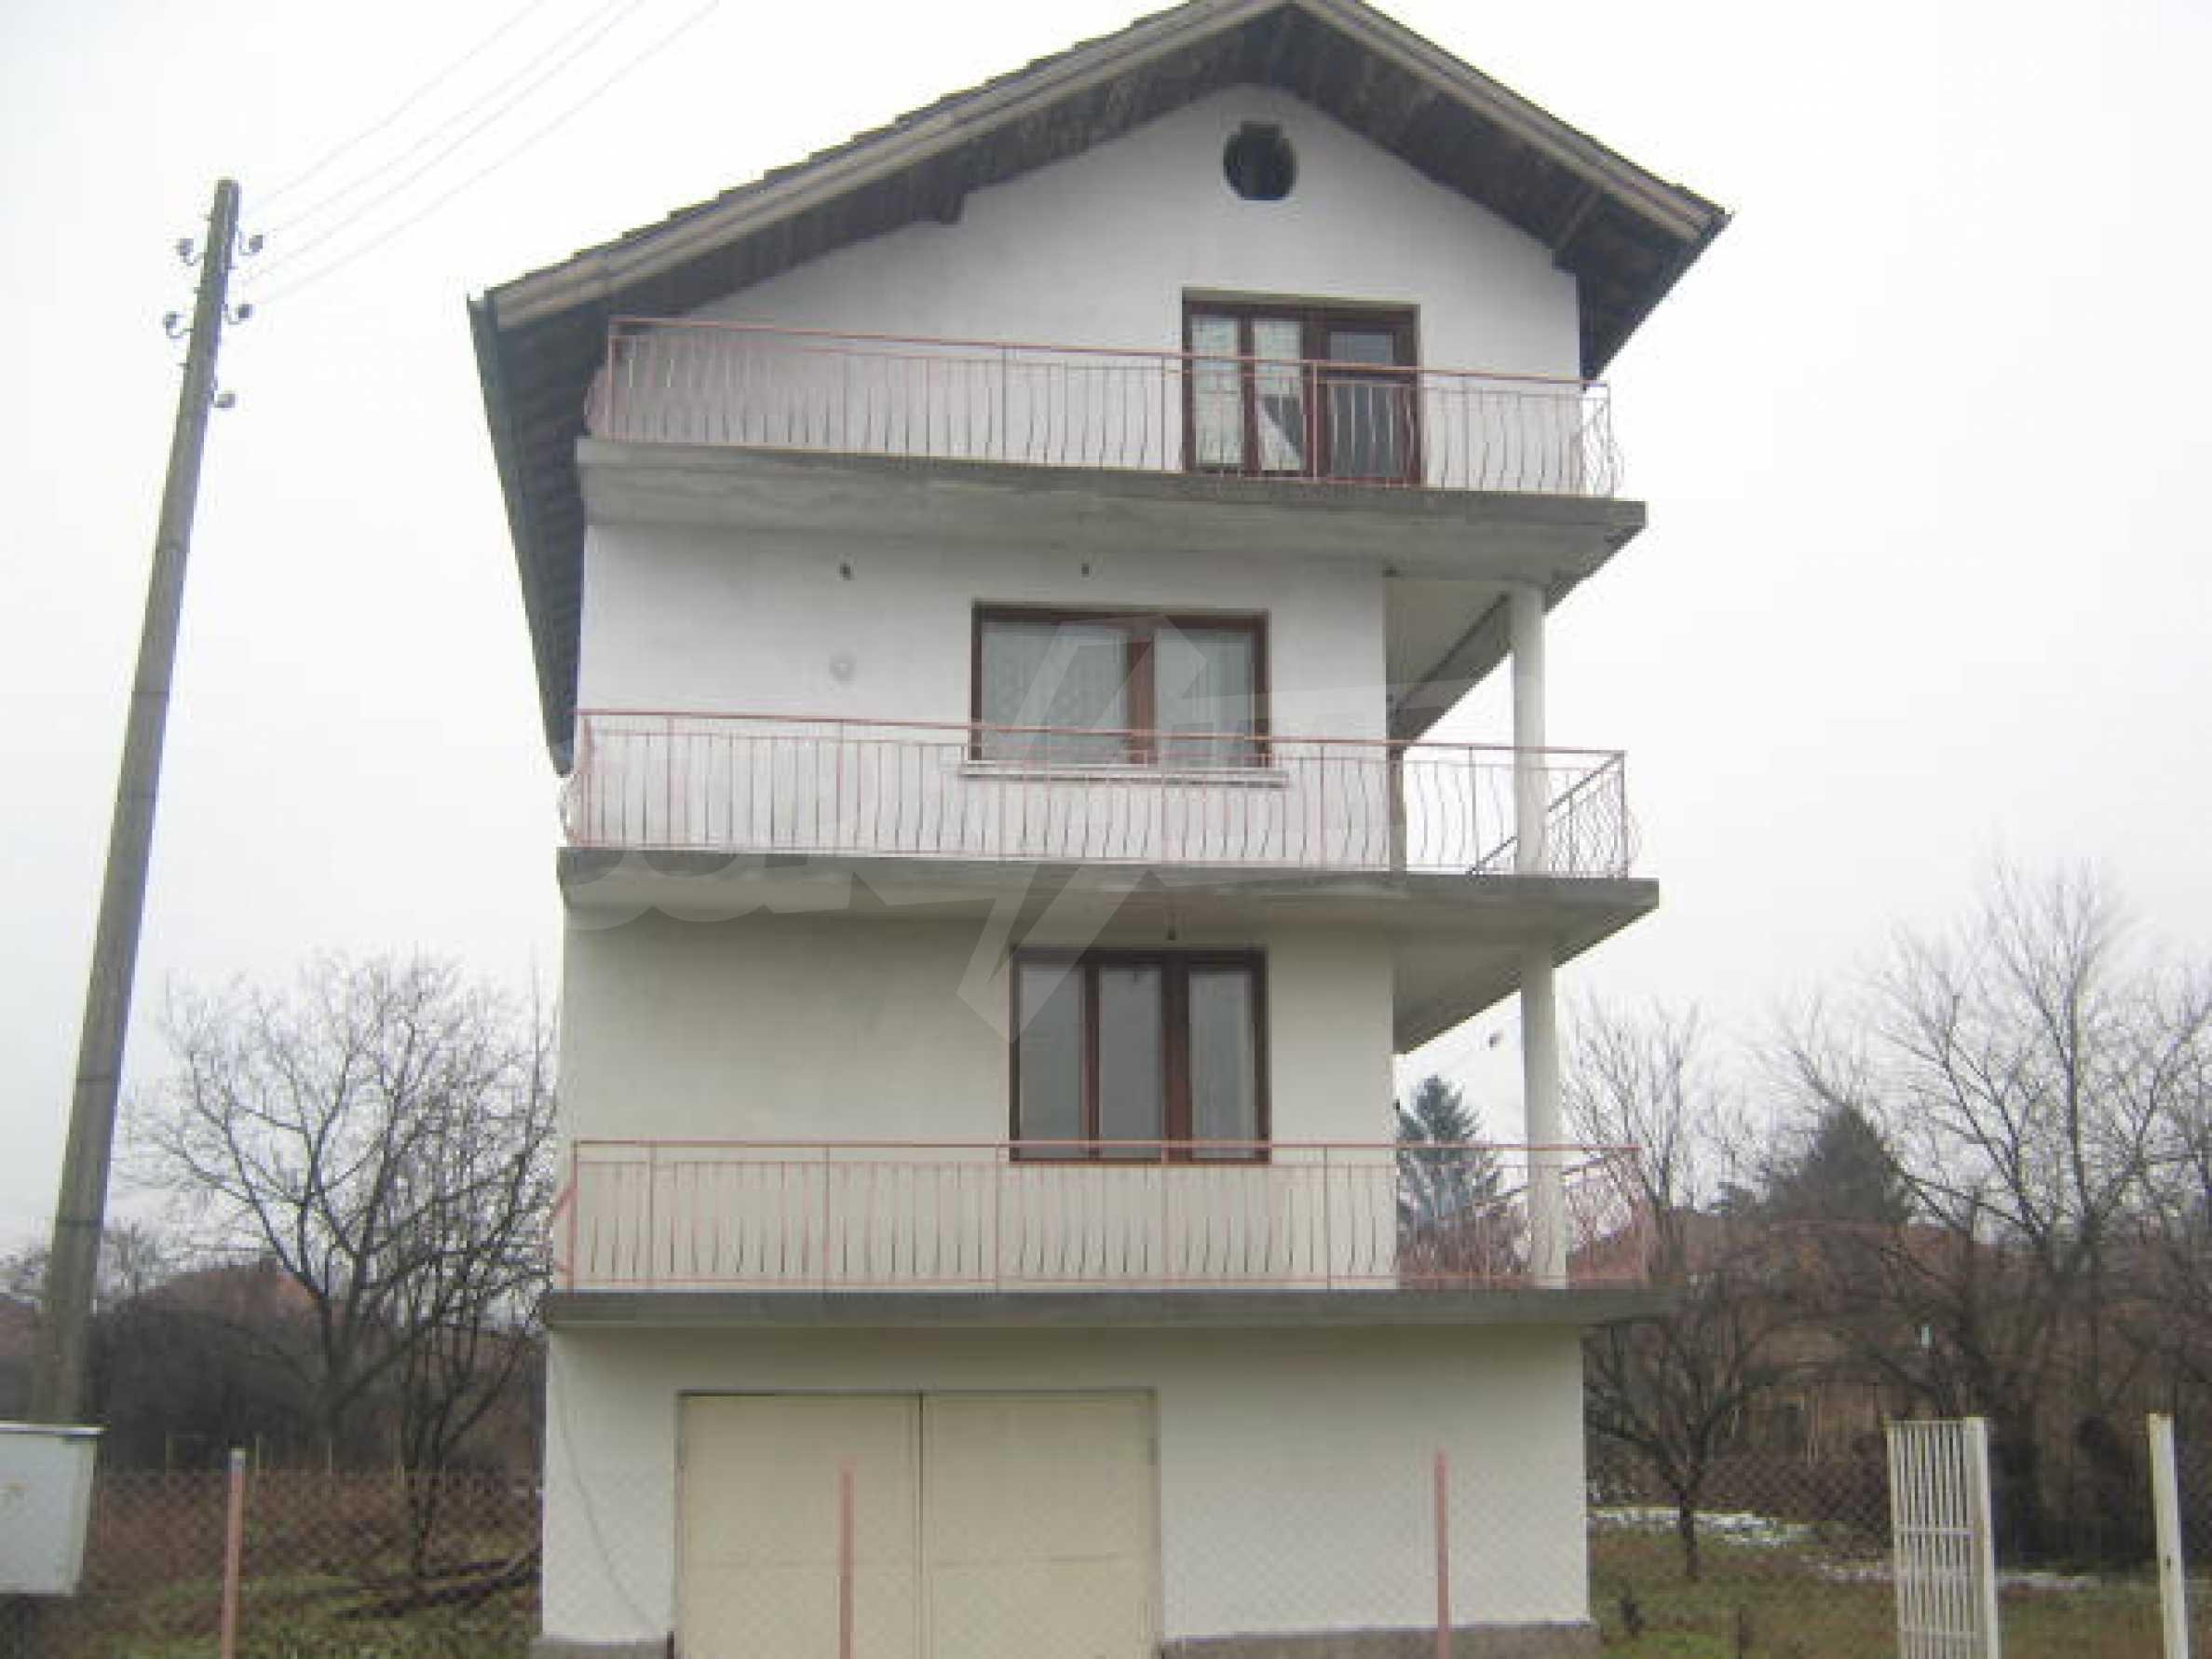 Vierstöckiges Haus mit Hof in der Nähe von der Stadt Widin 1